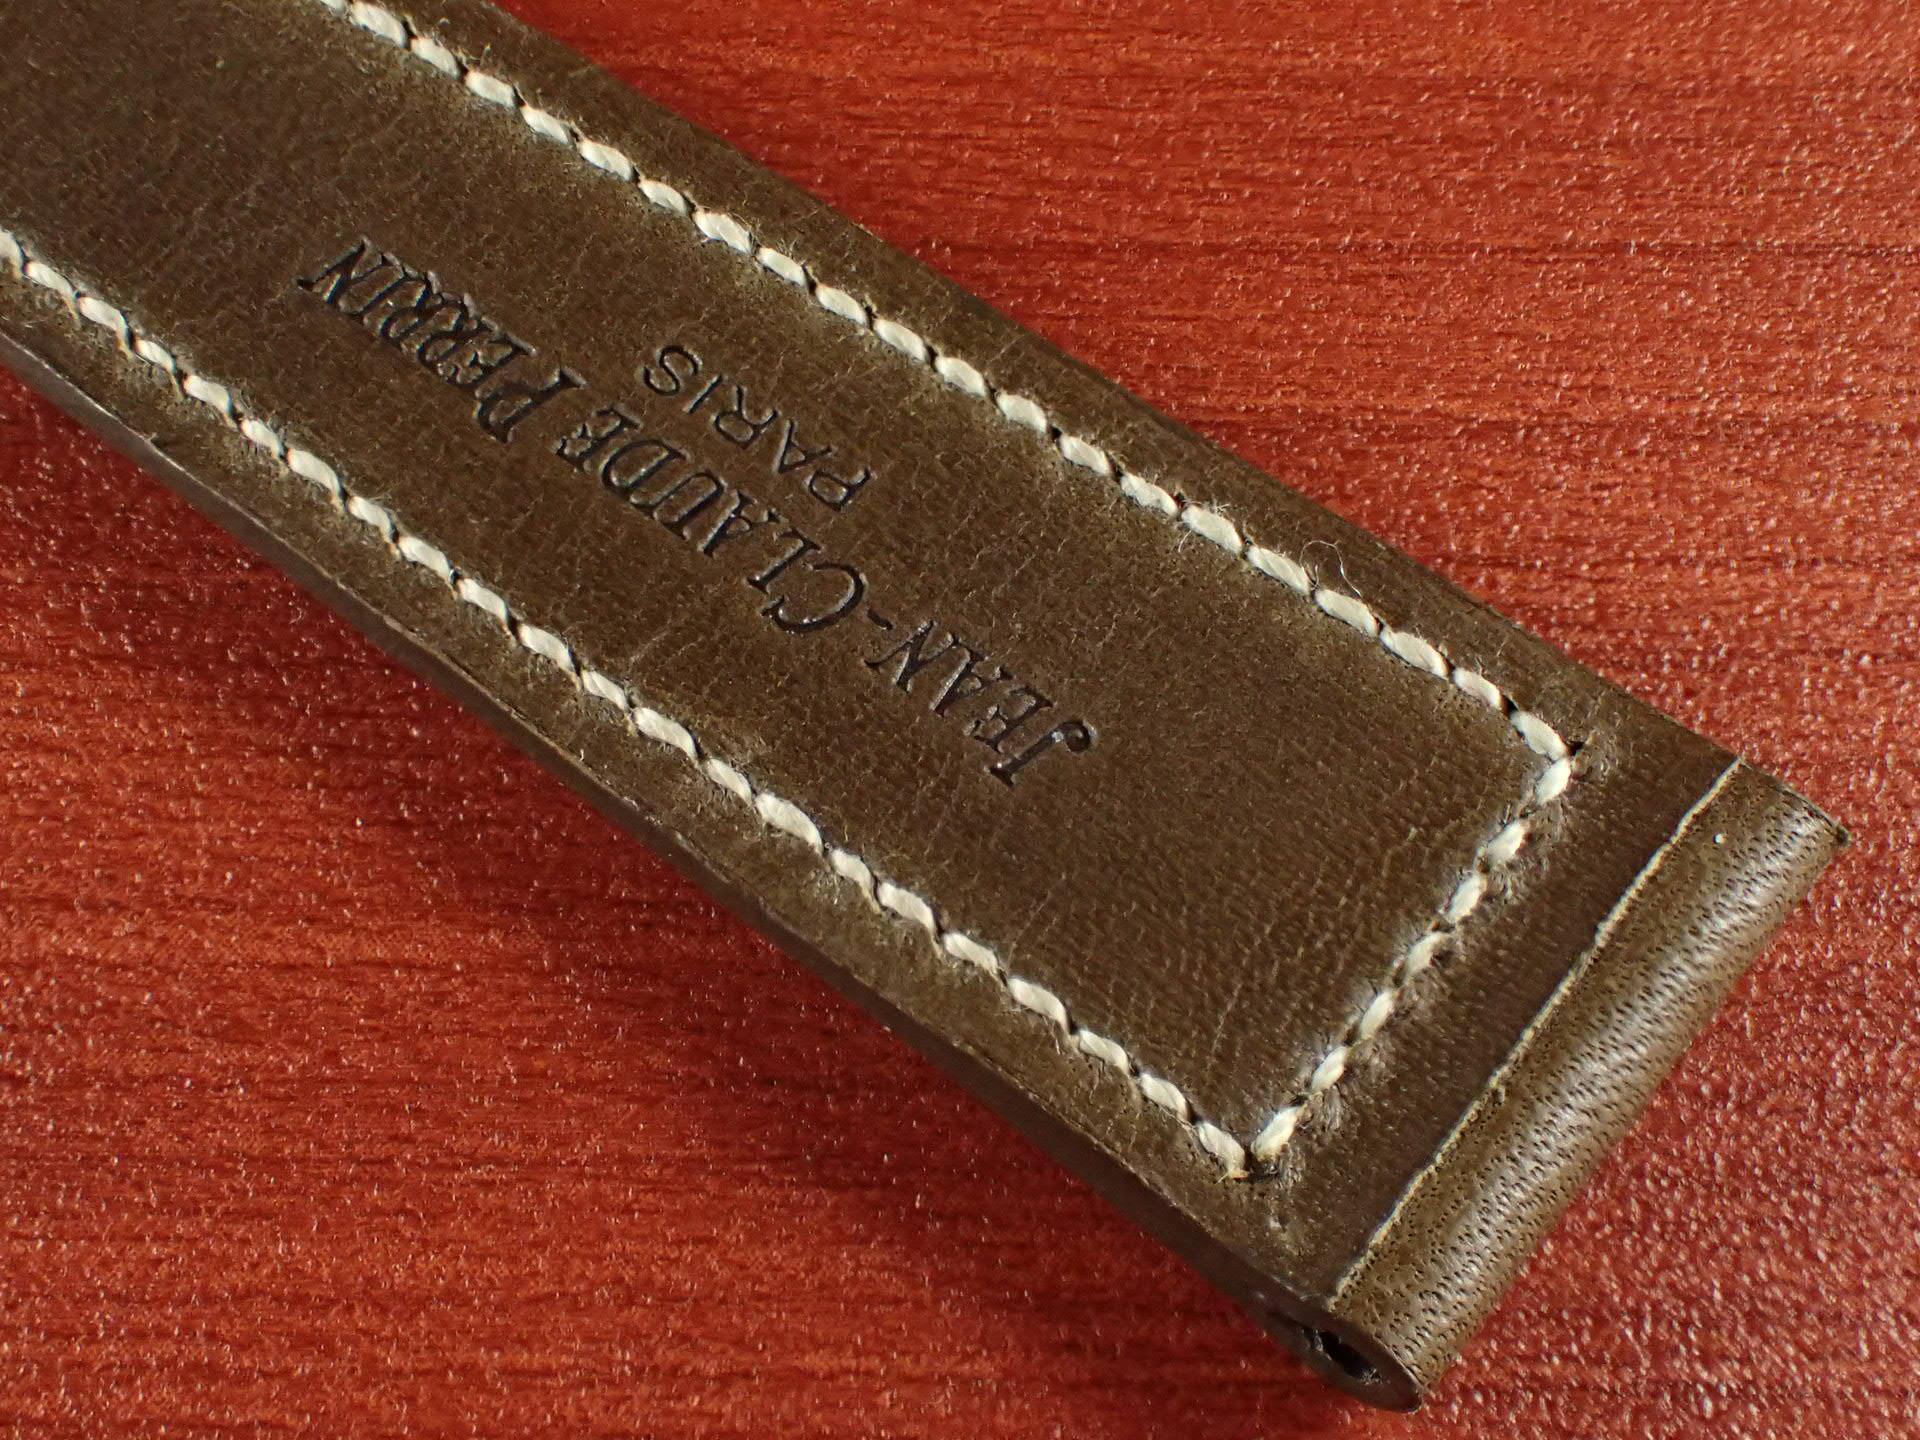 ジャン・クロード ペラン革ベルト カーフ オリーブ 16、17、18、19、20mmの写真6枚目